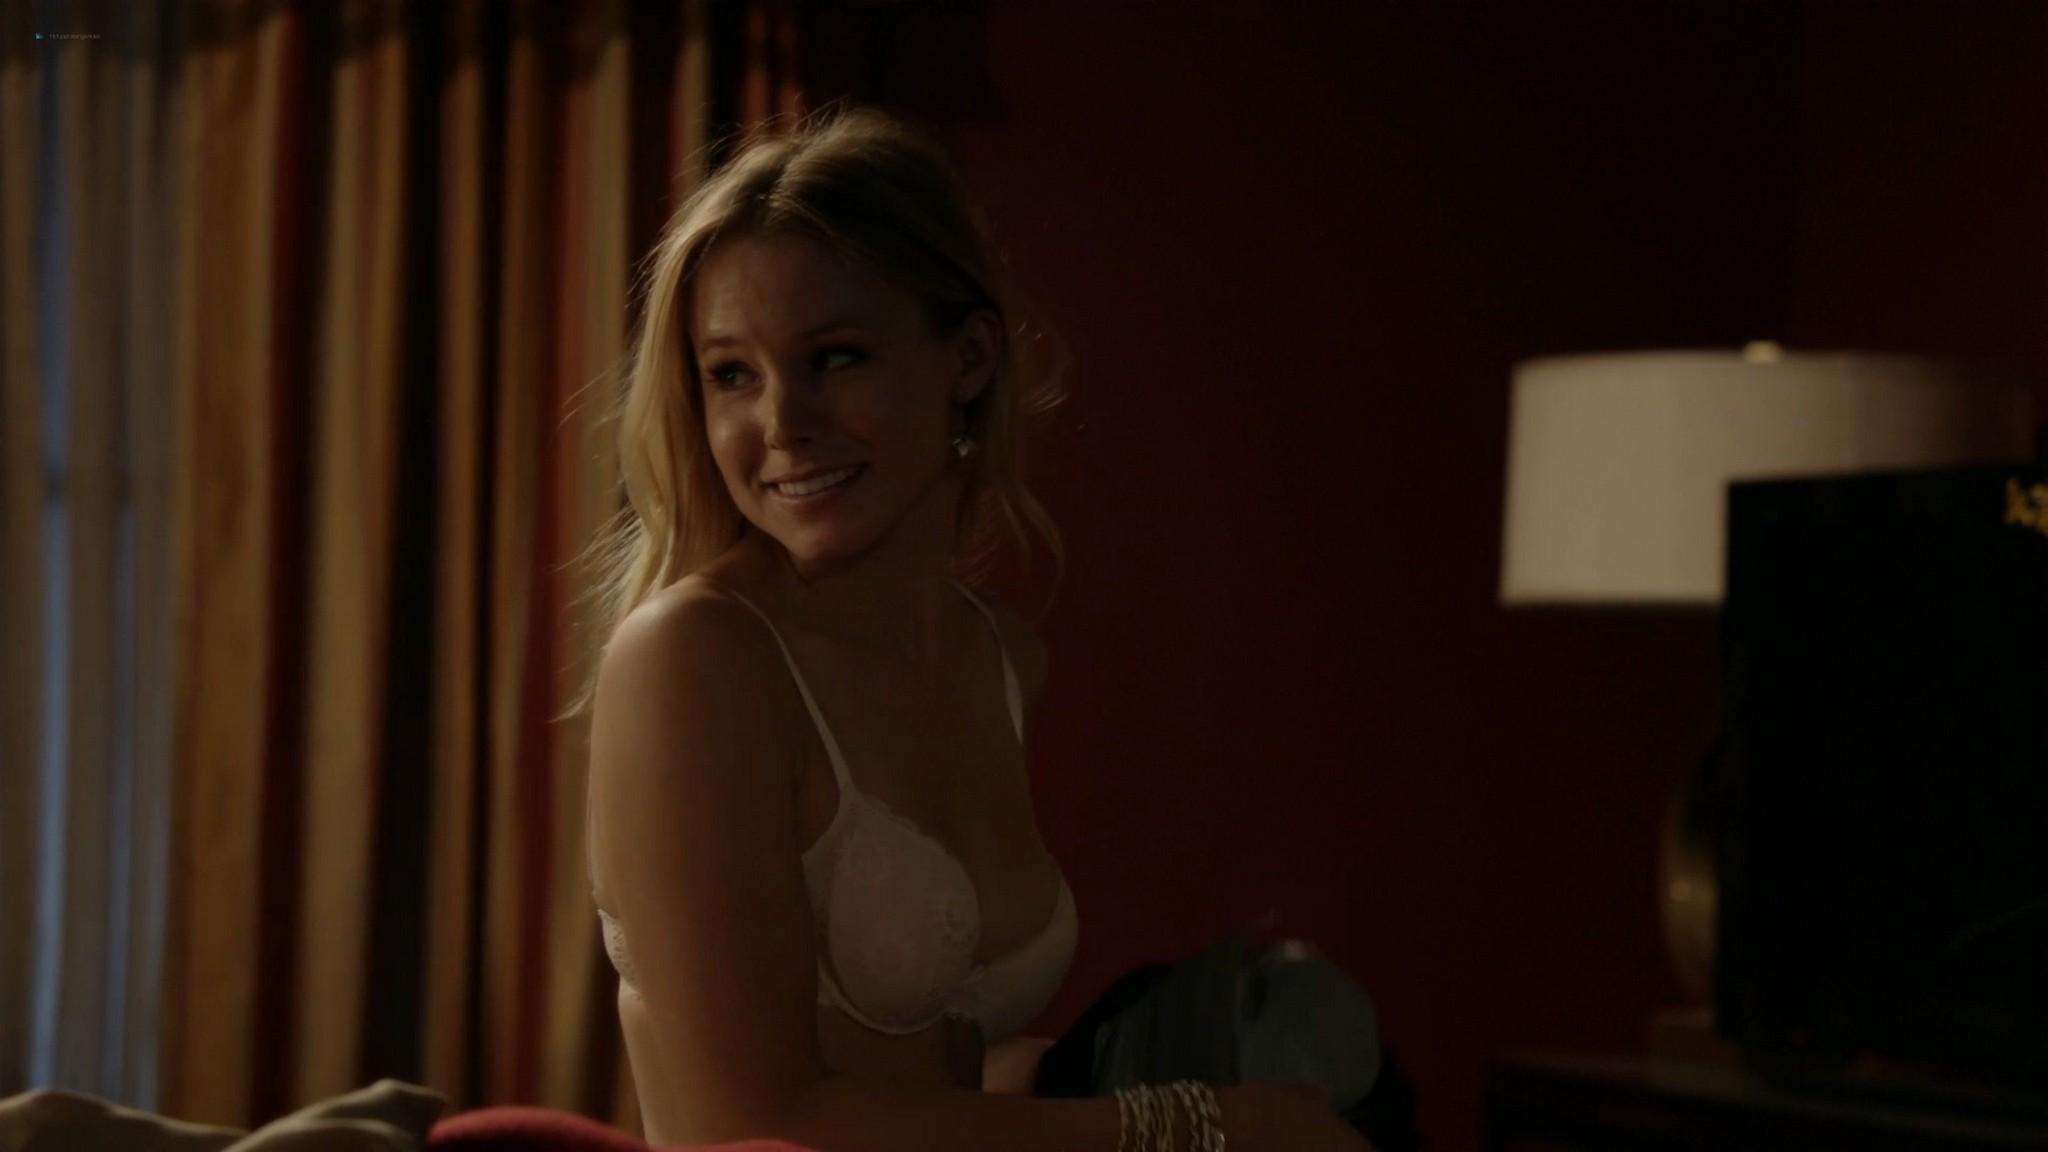 Kristen Bell hot sex Amy Landecker nude boobs House of Lies 2012 s1e3 4 1080p Web 8